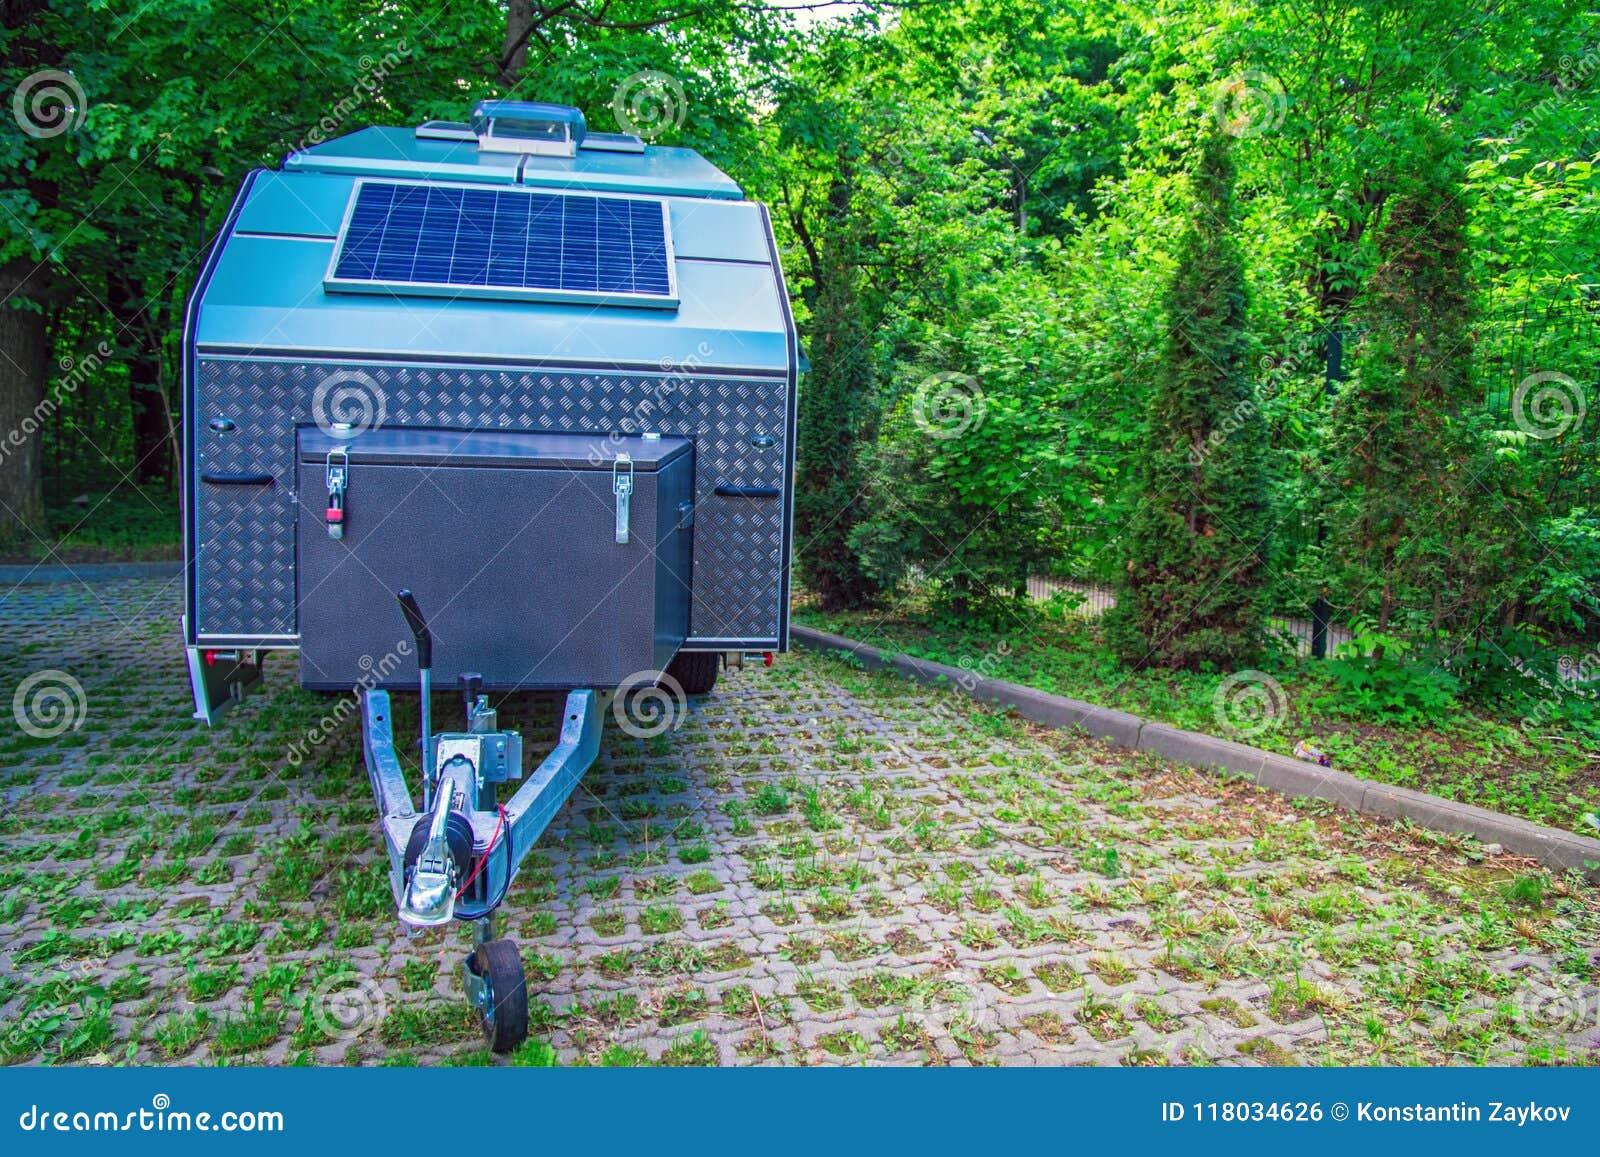 Панель солнечных батарей фиксирована на туристском трейлере Внедорожный трейлер стоит в месте для стоянки на предпосылке толстой